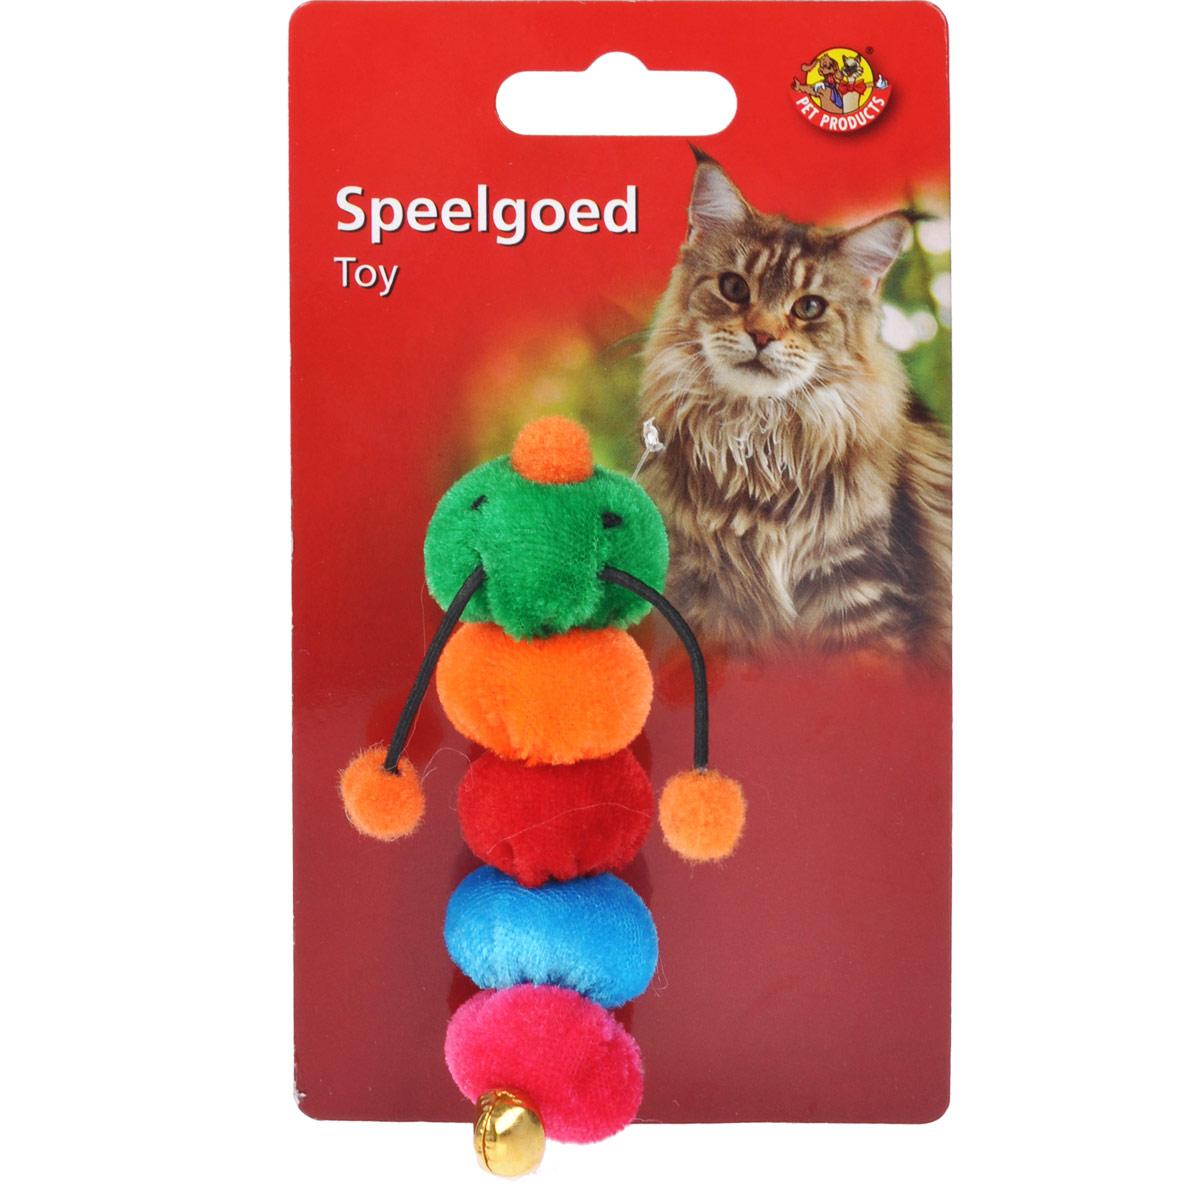 Игрушка для кошек I.P.T.S. Гусеница37608/440502Забавная игрушка для кошек I.P.T.S. Гусеница состоит из цветных сегментов. Игрушка изготовлена из мягкого плюша. Предназначена для активных игр с кошкой. Такая игрушка привлечет внимание вашего любимца и не оставит его равнодушным.Длина: 9,5 см.Уважаемые клиенты!Обращаем ваше внимание на возможные изменения в дизайне товара. Качественные характеристики товара остаются неизменными. Поставка осуществляется в зависимости от наличия на складе.